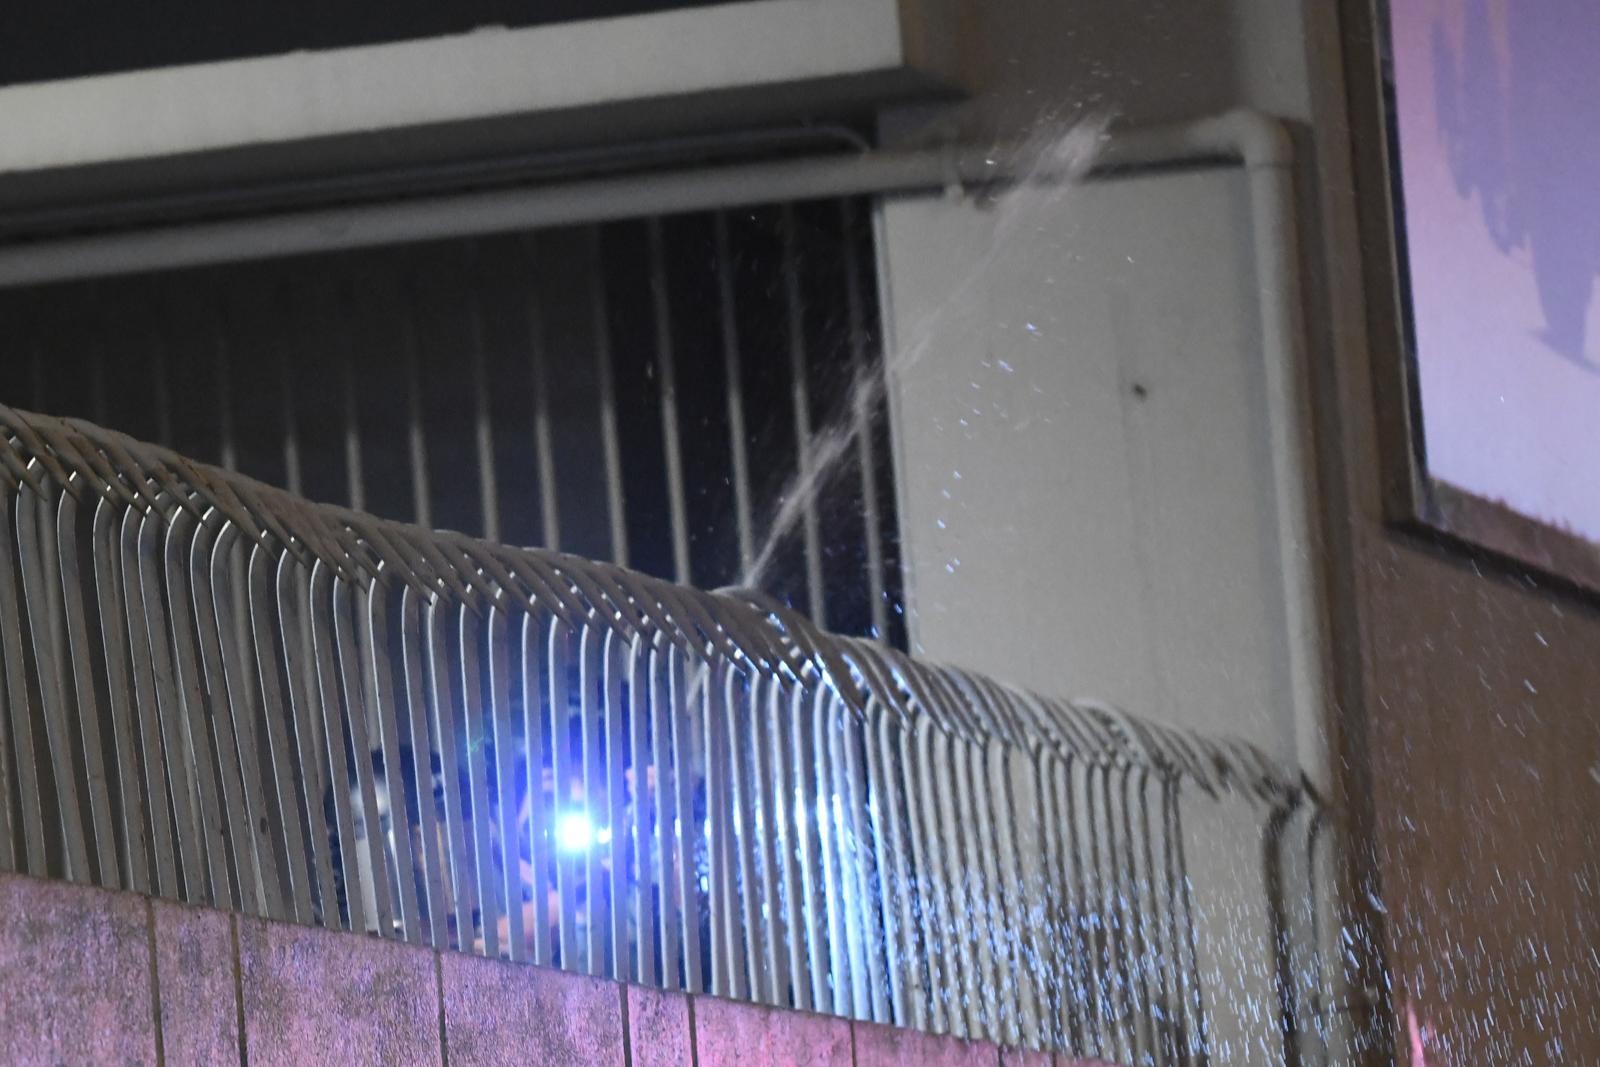 警員突然在欄後向高空噴射胡椒噴霧,多名記者「中椒」。